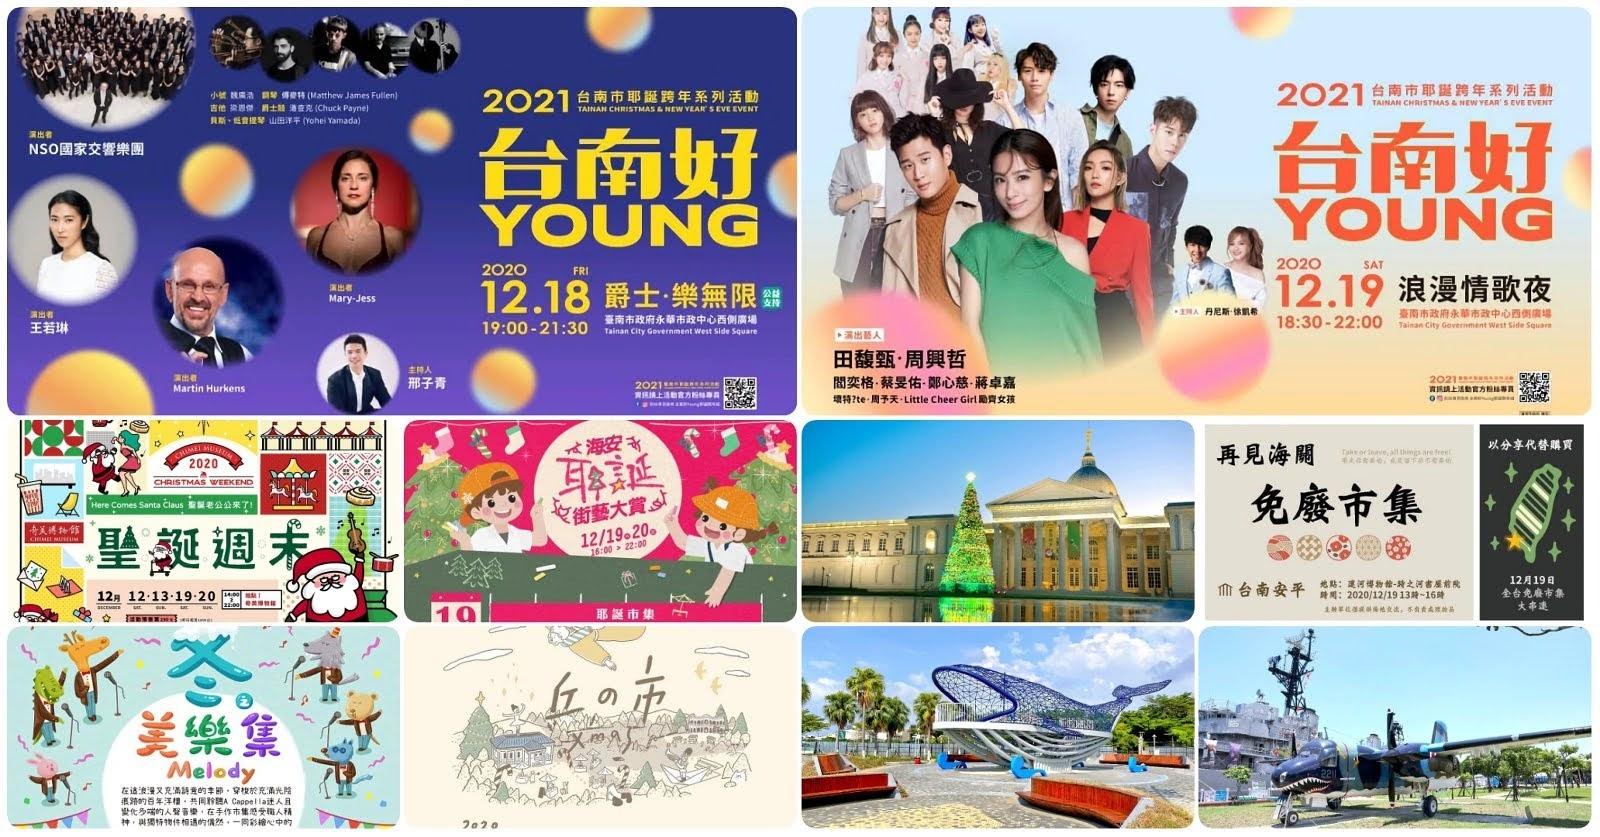 [活動] 2020/12/18-/12/20|台南週末活動整理|本週末資訊數:89